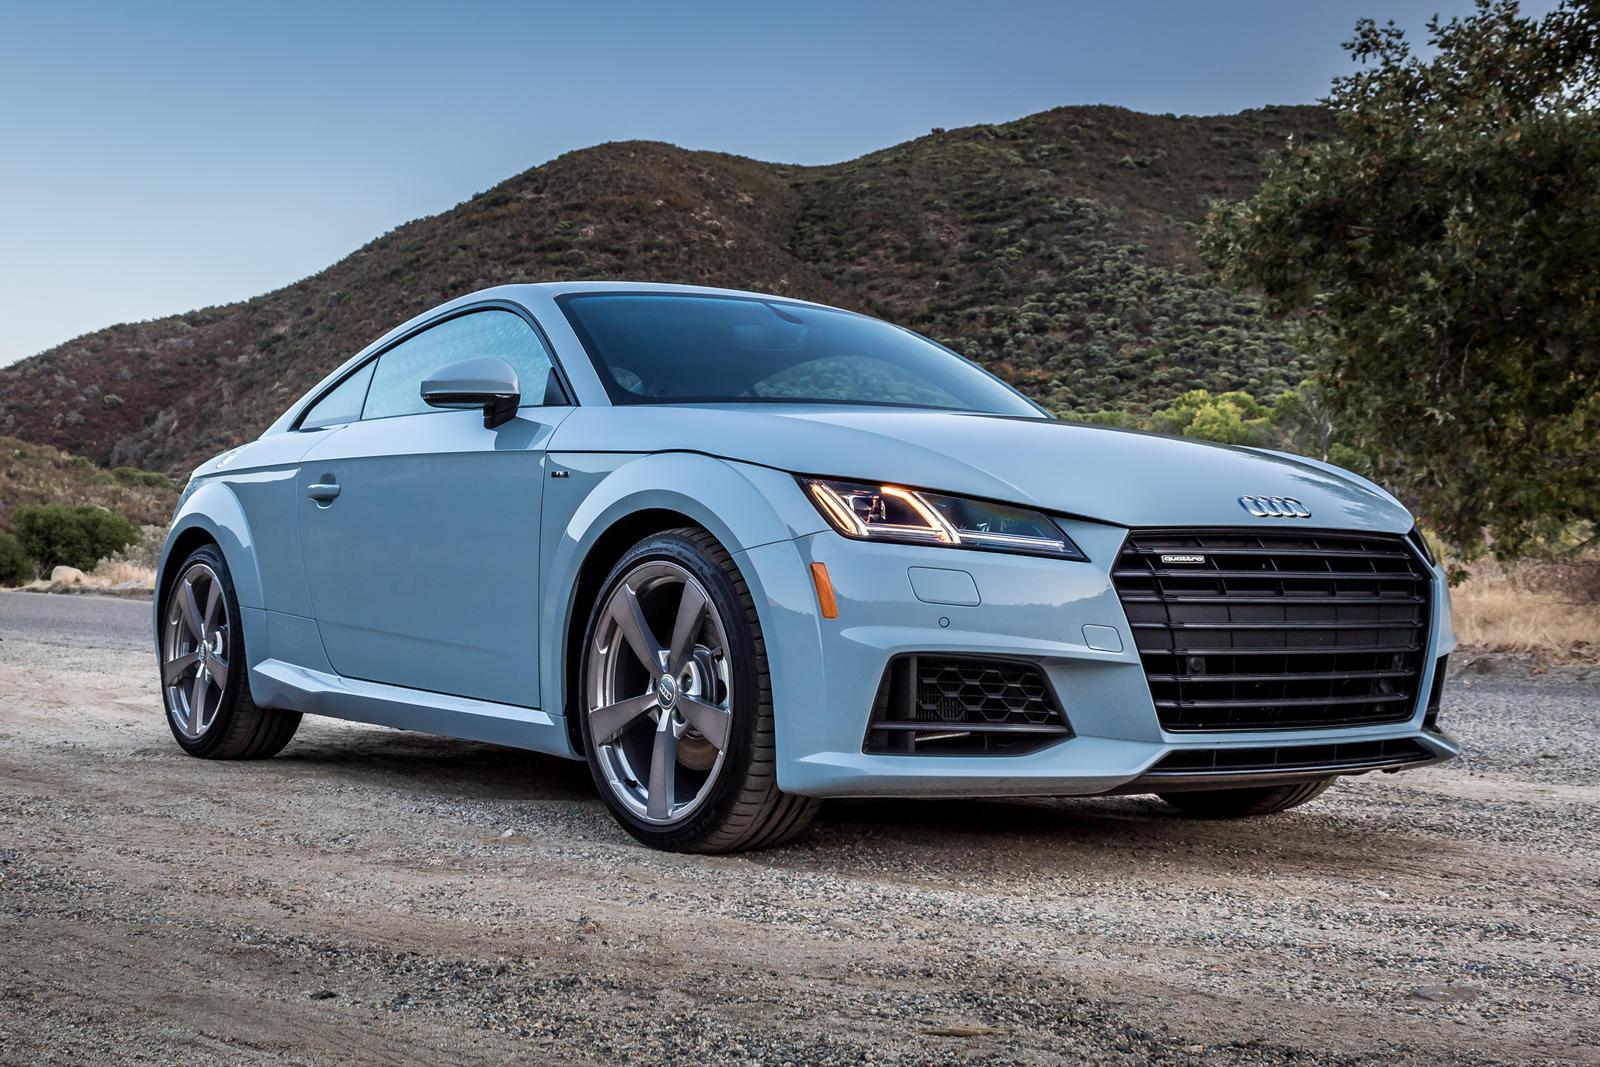 Kelebihan Kekurangan Audi Tt Coupe Perbandingan Harga